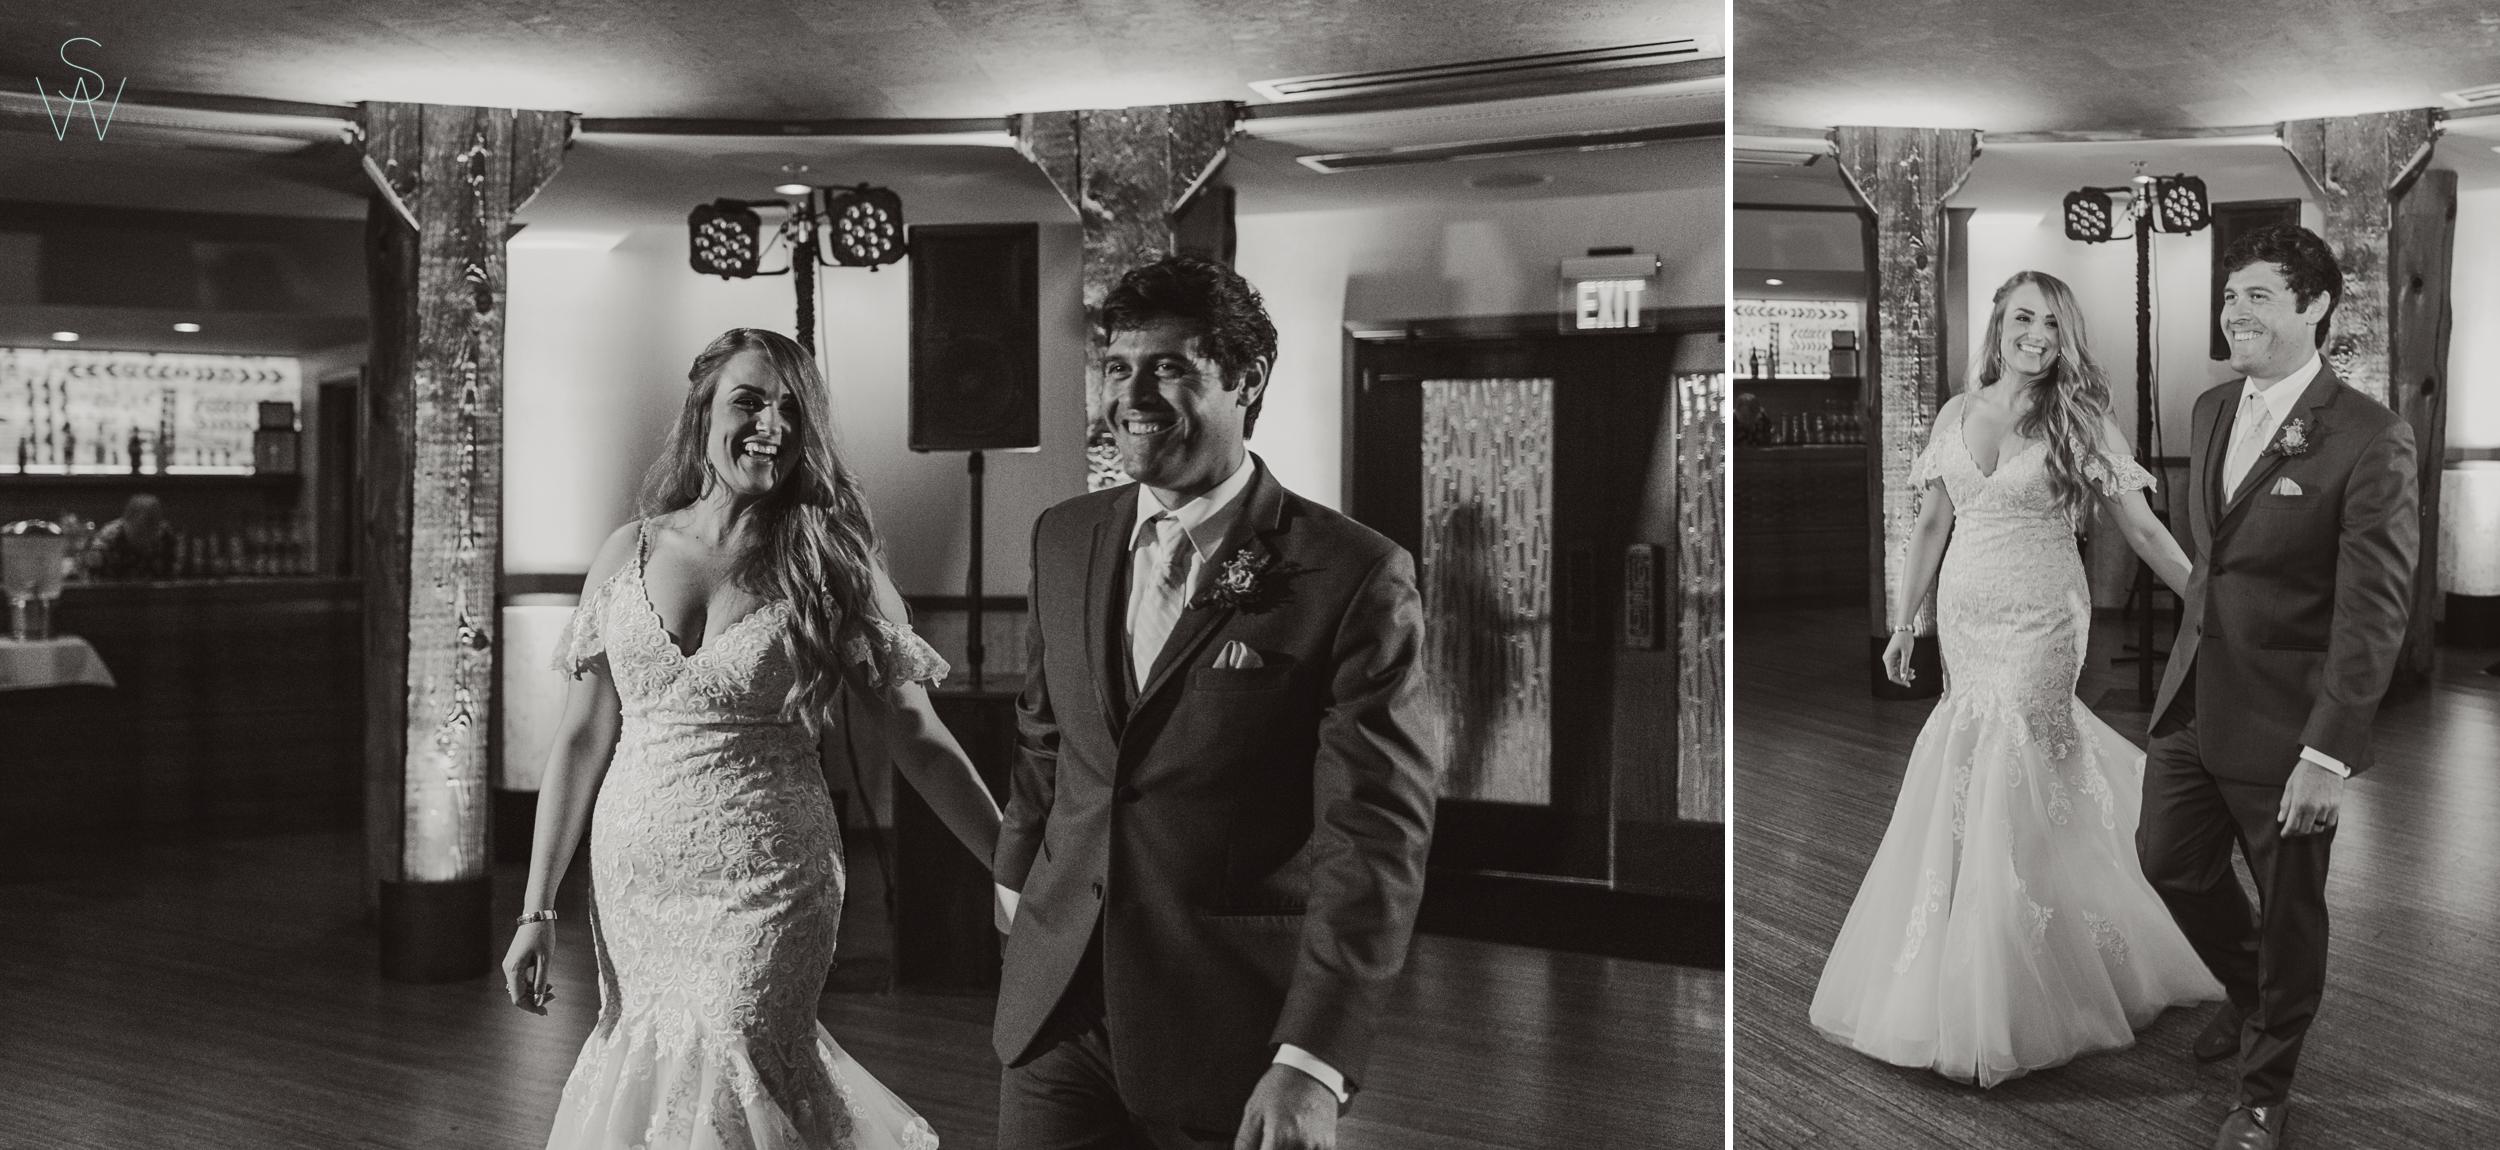 181San.diego.wedding.shewanders.photography.JPG